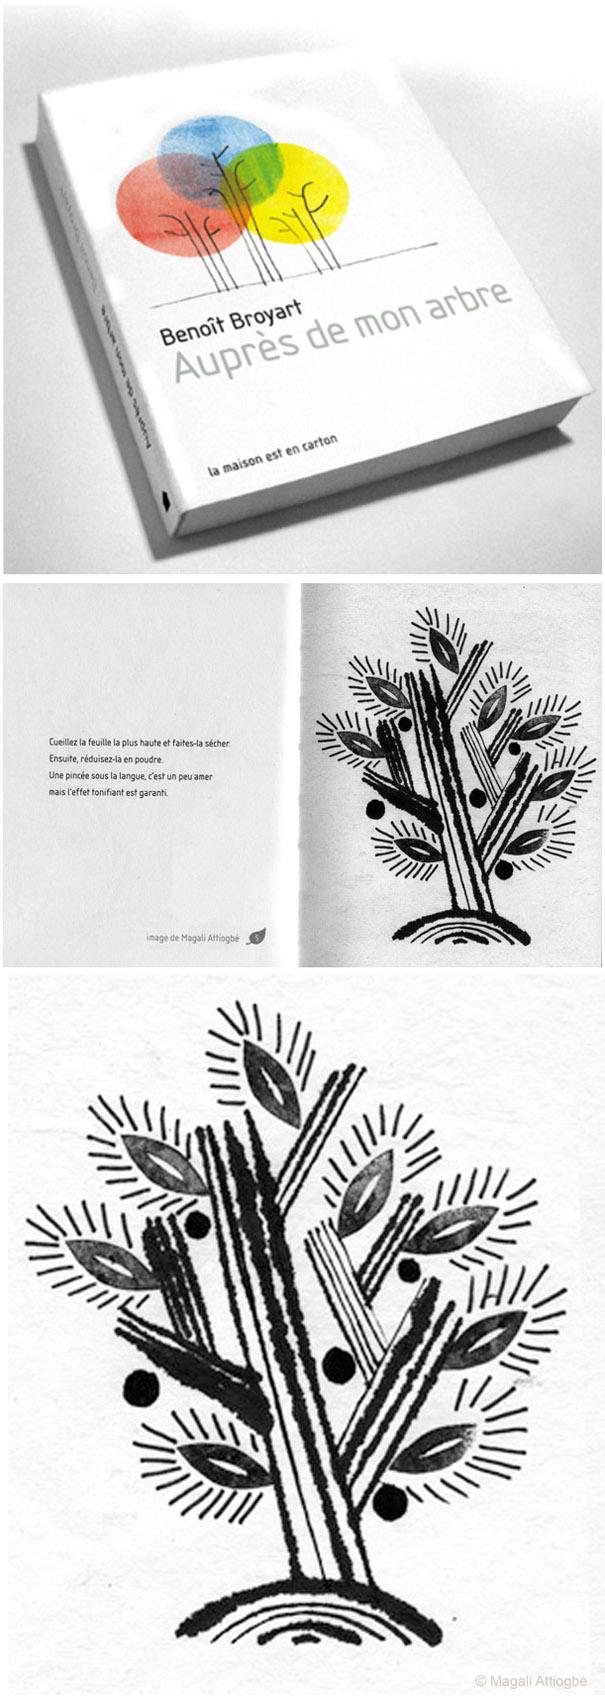 attiogbe_mise_page_arbre